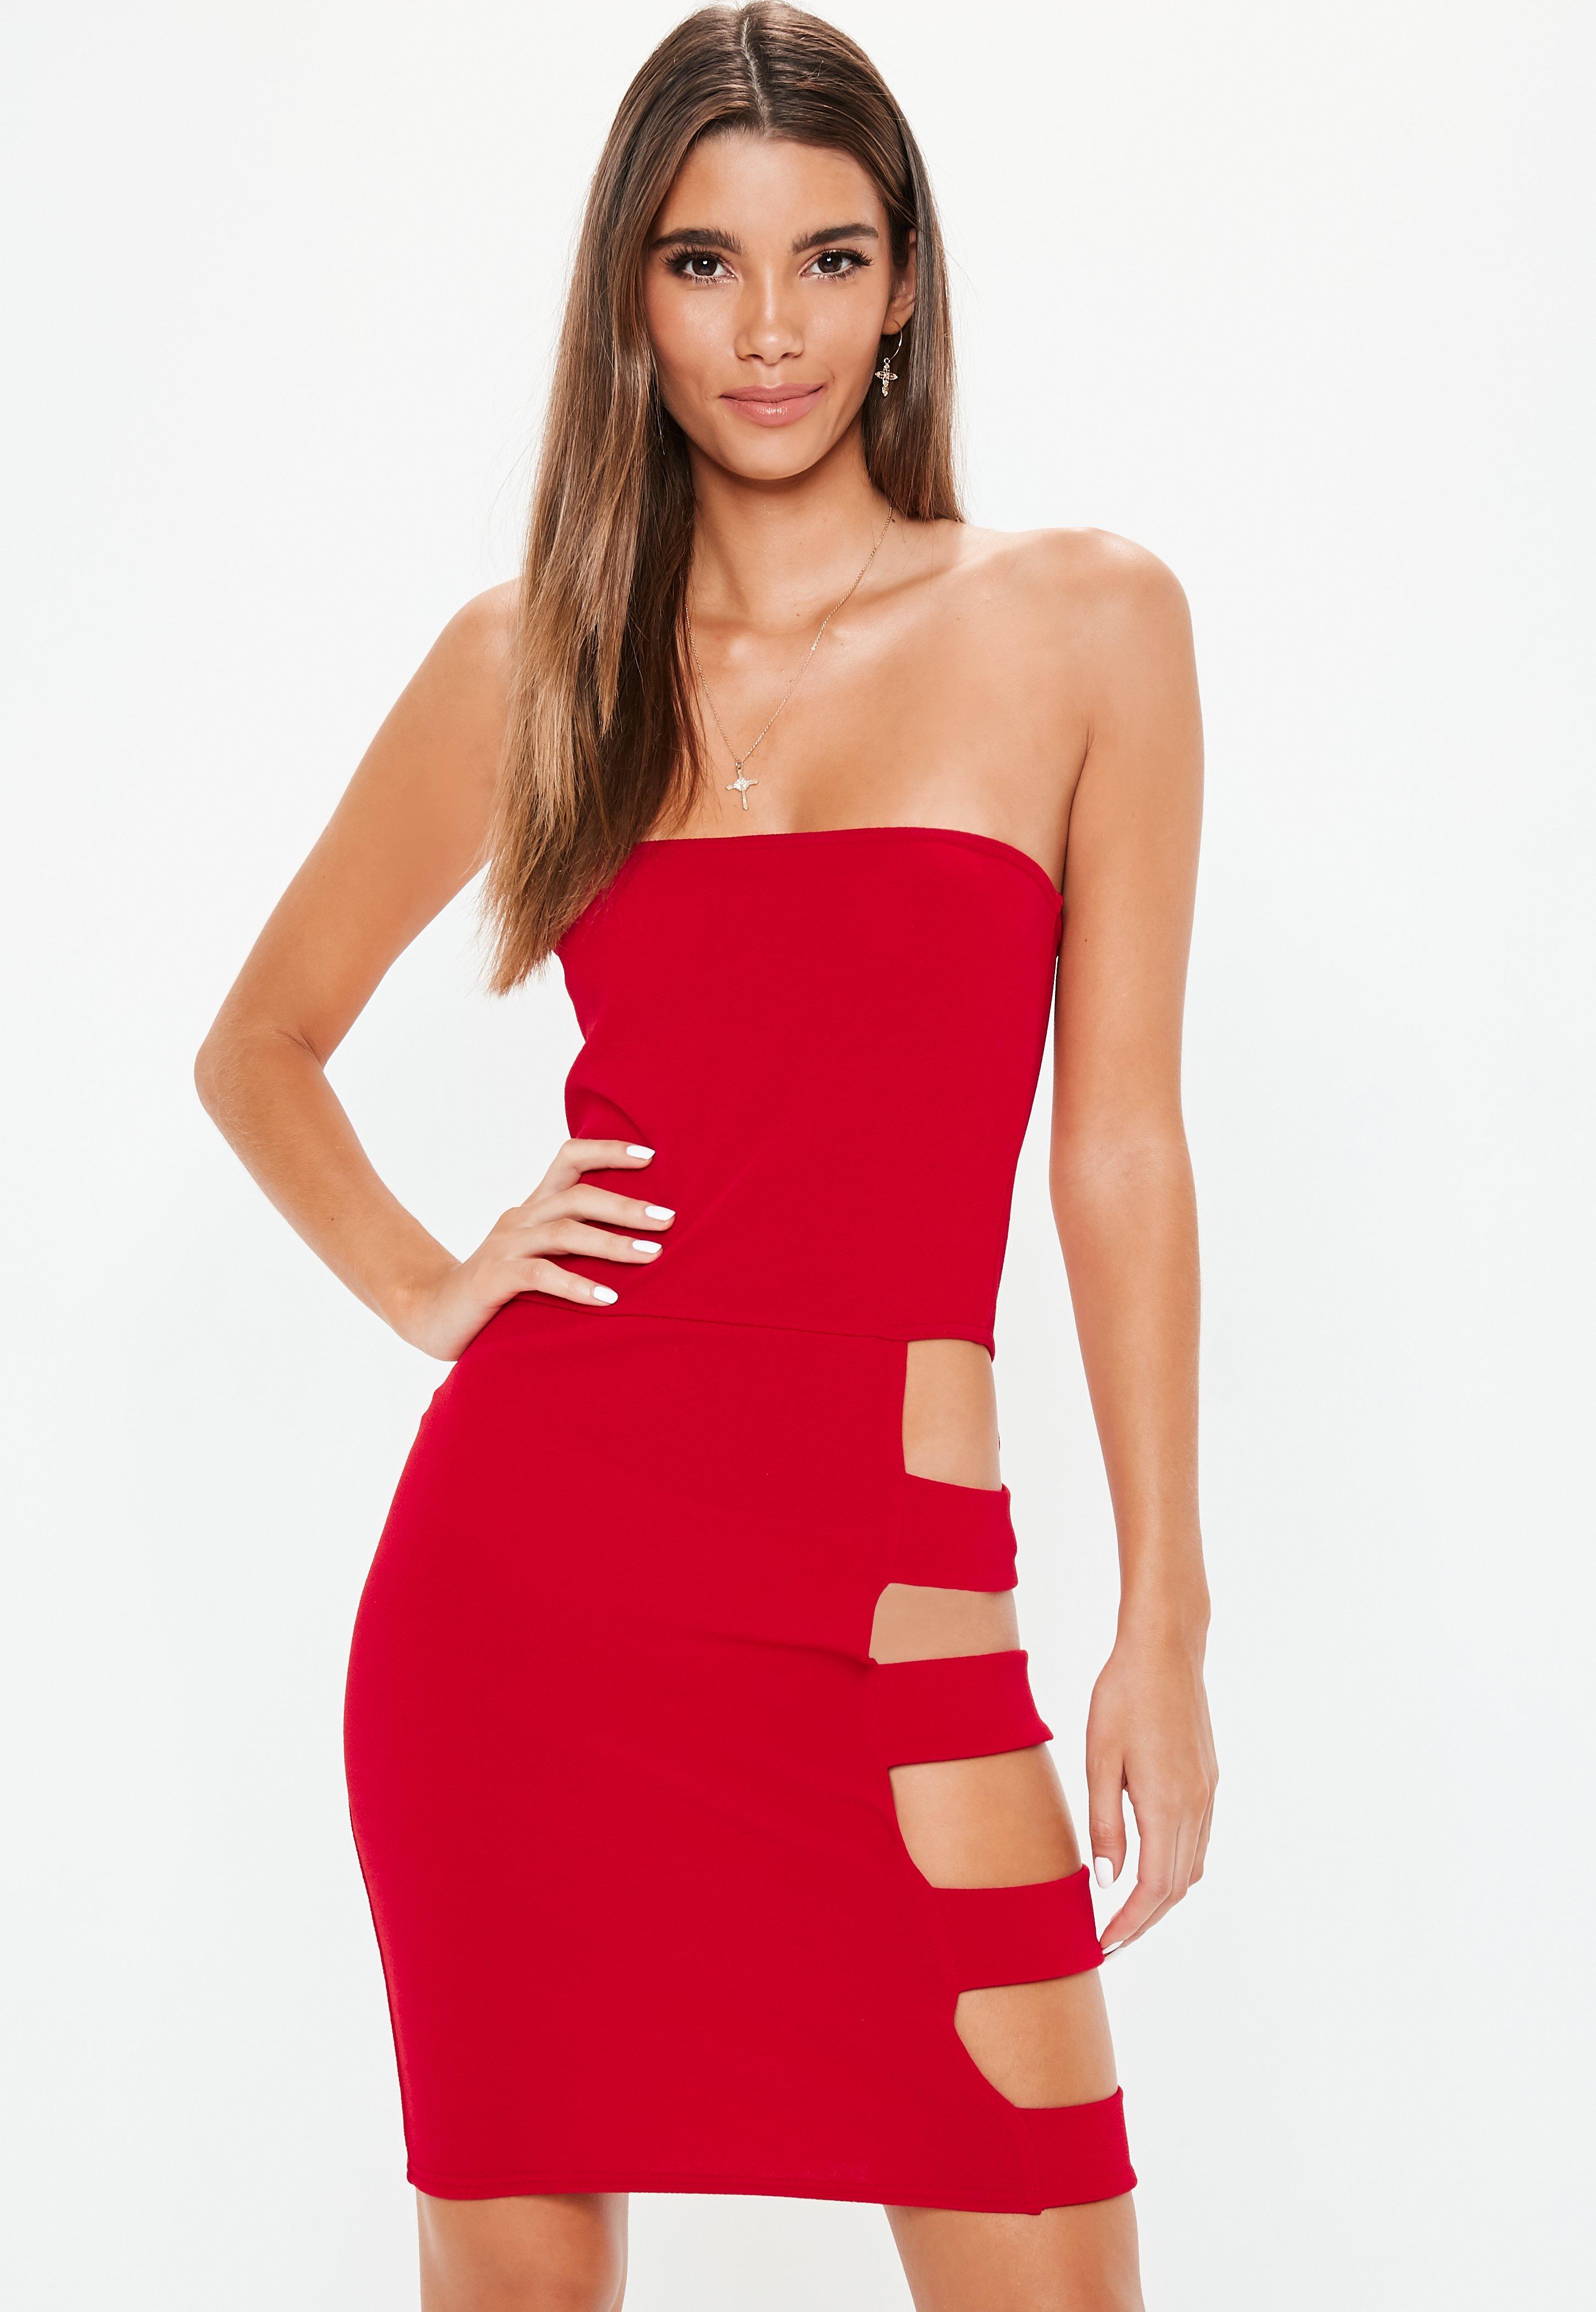 ccf15747c Czerwona bandażowa sukienka z wycięciami   Missguided